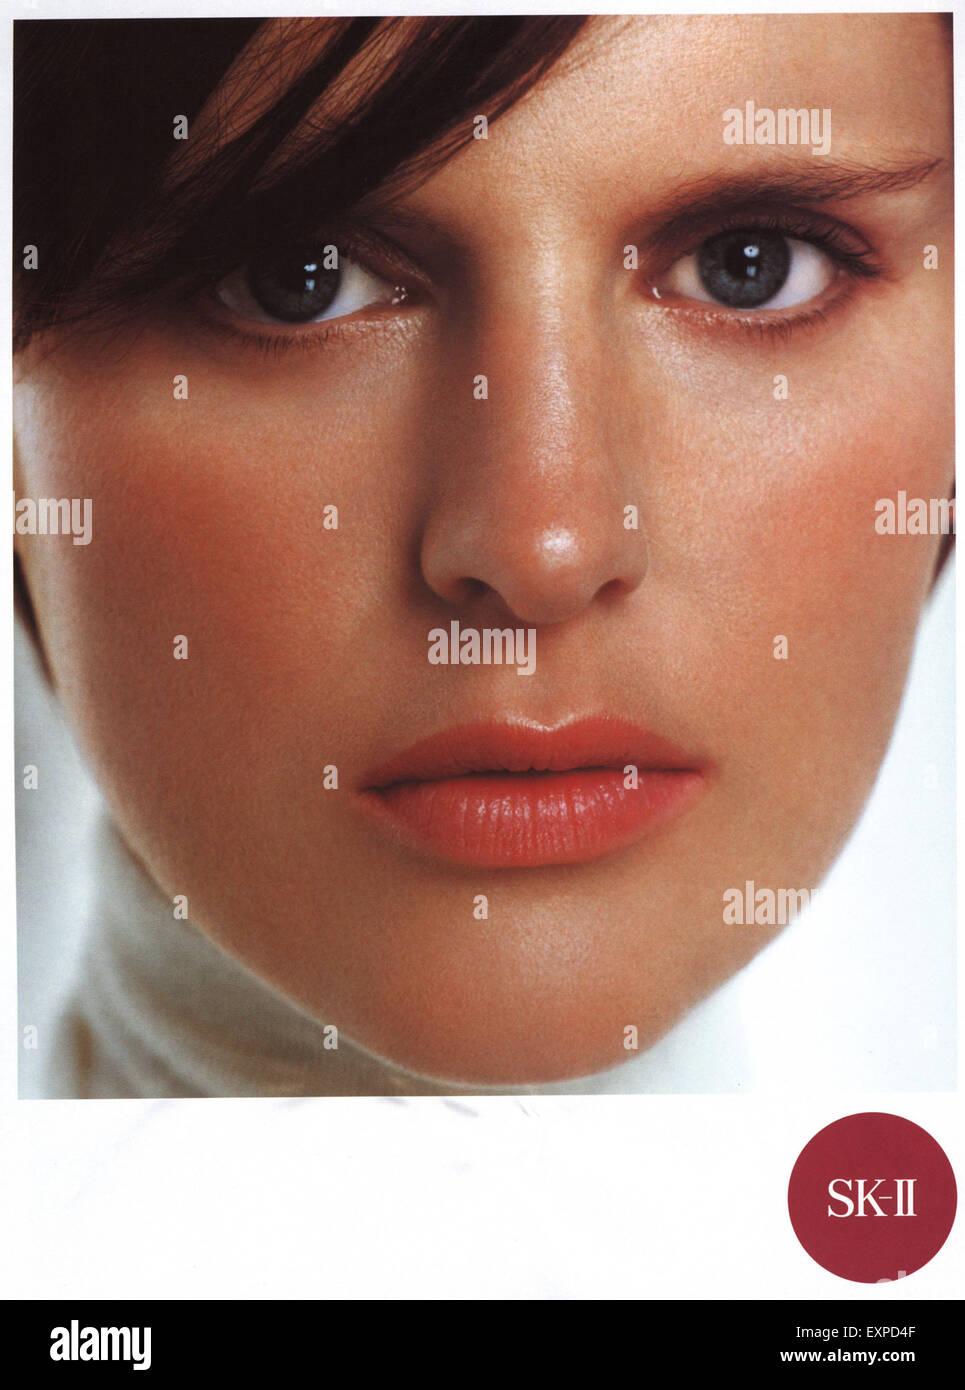 2000s UK Sk-II Magazine Advert - Stock Image